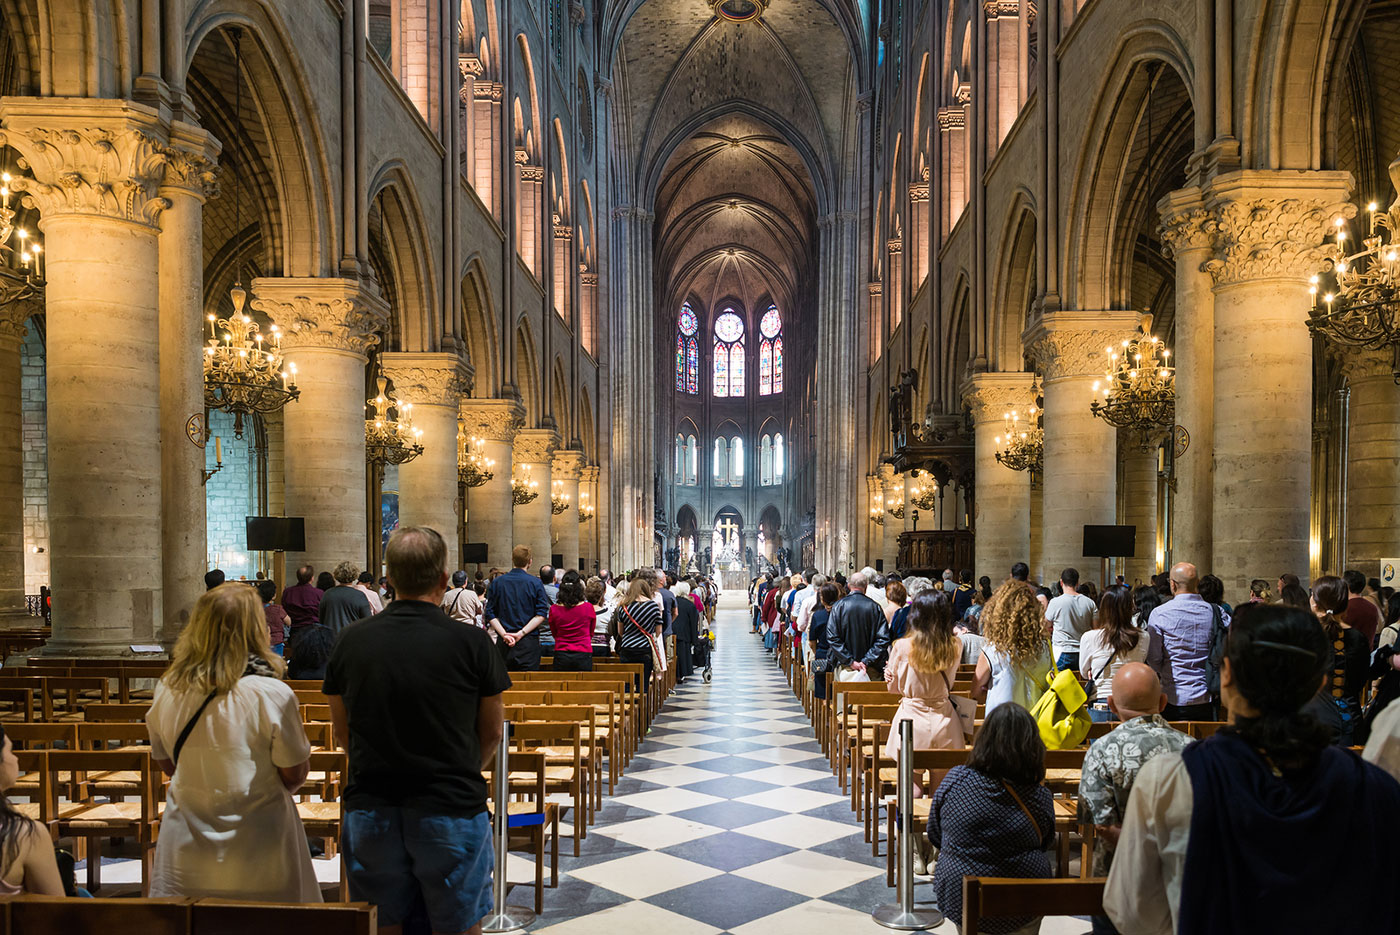 Notre-Dame-kirke-paris-frankrig